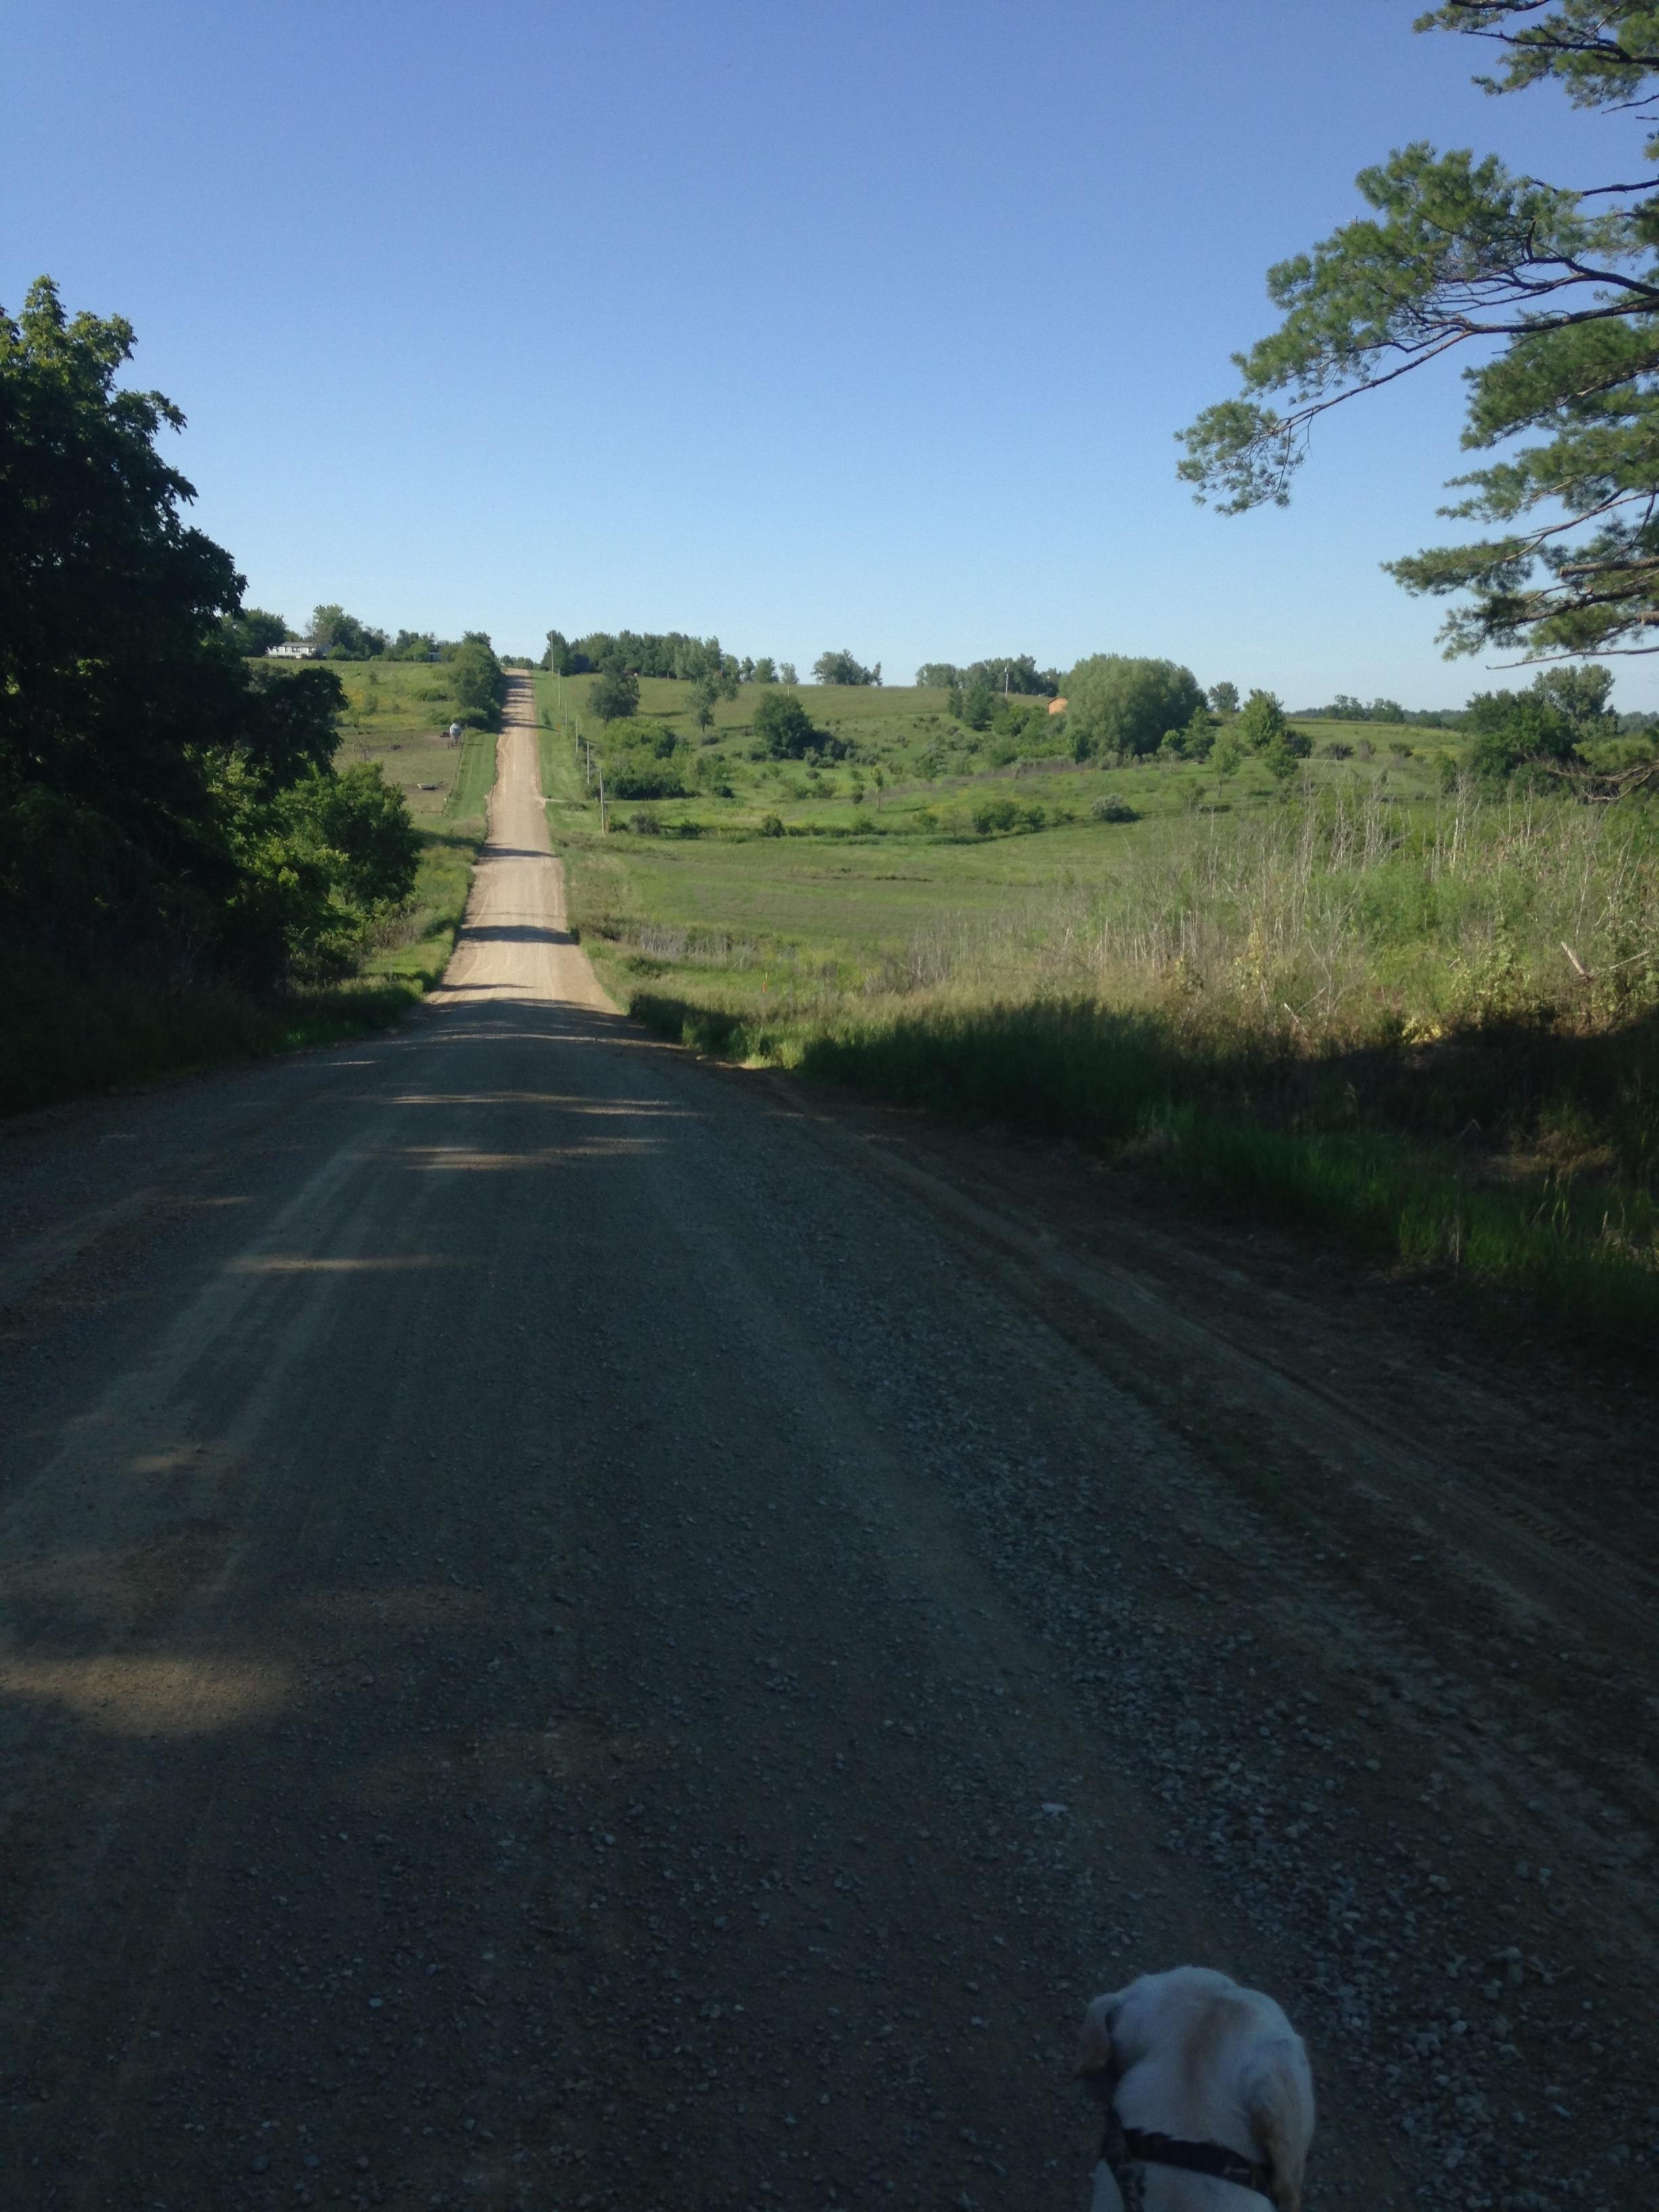 Going-Back-Down-the-Gravel-Road.jpg